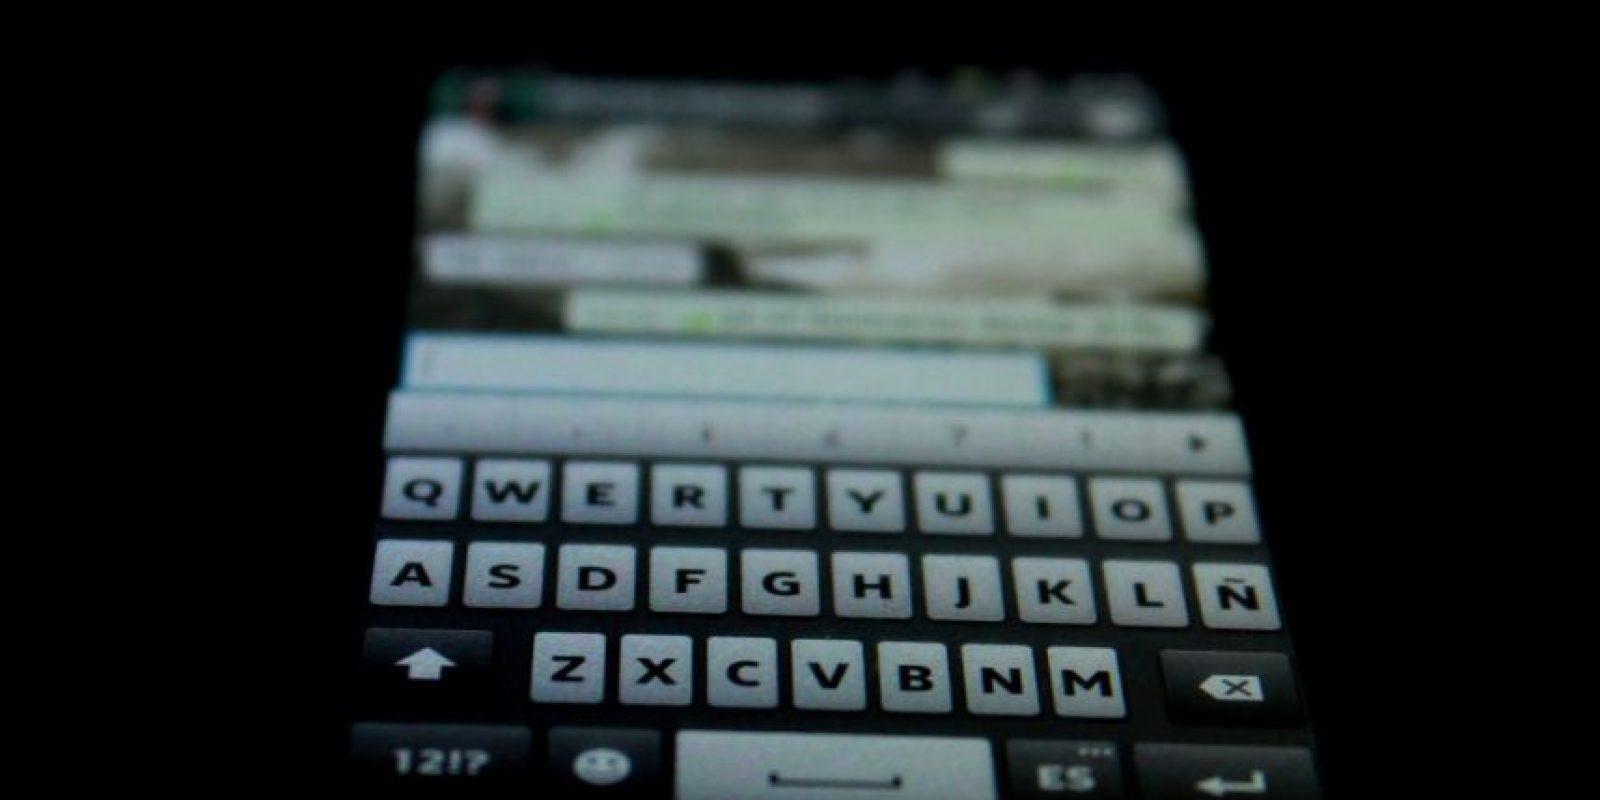 Los hackers envían supuestas invitaciones al servicio de llamadas. Foto:Tumblr